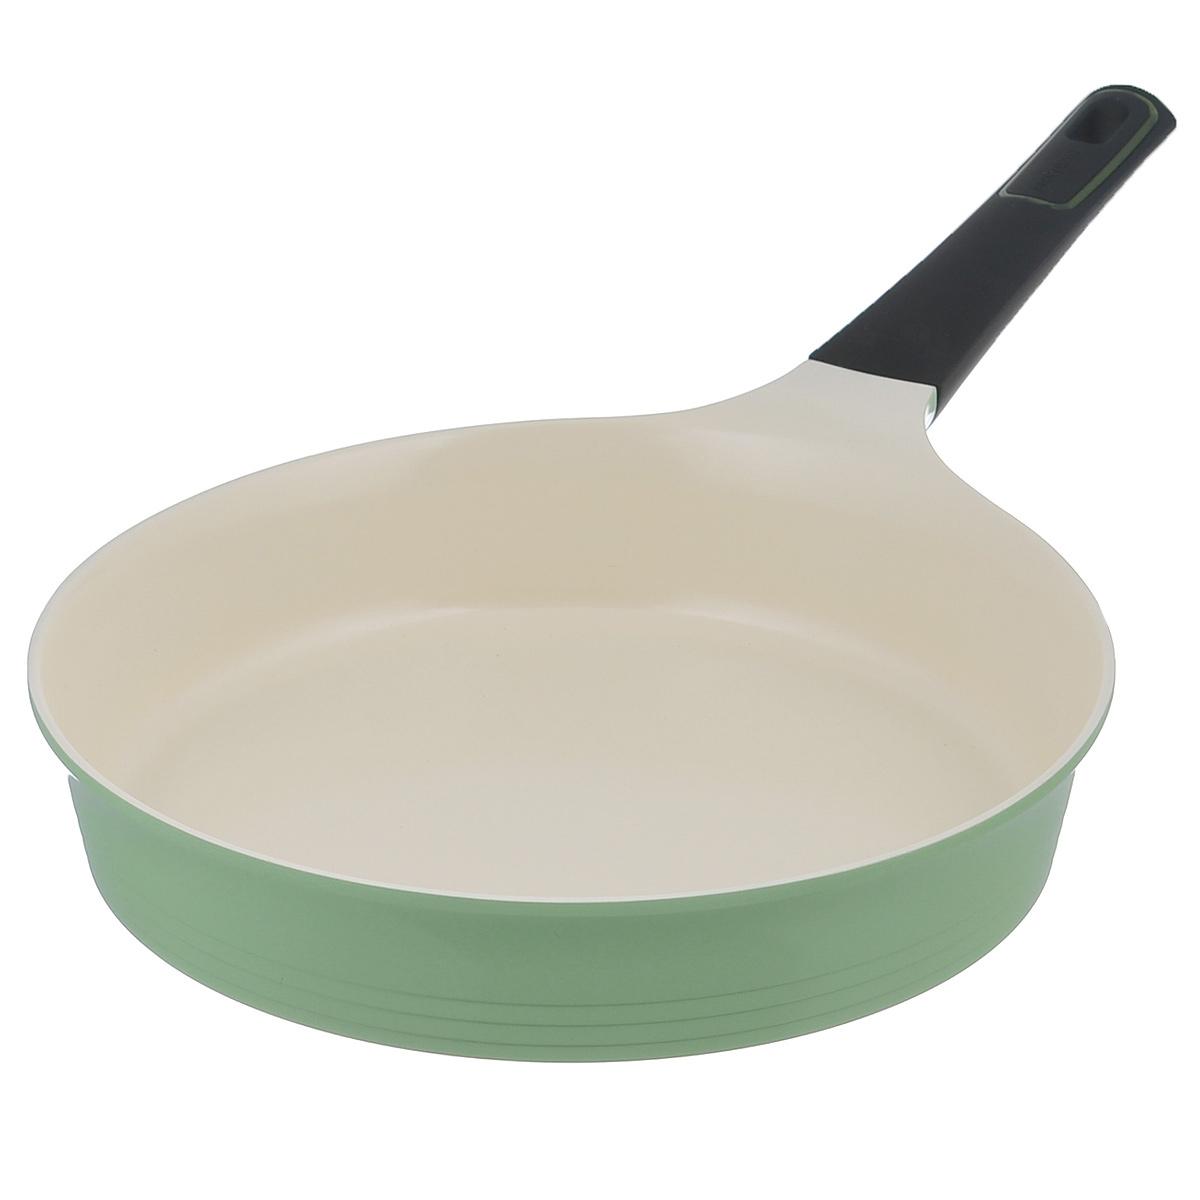 Сковорода Frybest Evergreen, с керамическим покрытием, цвет: зеленый. Диаметр 28 см54 009312Сковорода Frybest Evergreen выполнена из литого алюминия с инновационным керамическим покрытием Ecolon, в производстве которого используются природные материалы - камни и песок.Особенности сковороды Frybest Evergreen:- мощная основа из литого алюминия, специальное утолщенное дно для идеальной теплопроводности, - эргономичная, удлиненная Soft-touch ручка всегда остается холодной, - керамическое антипригарное покрытие, позволяющее готовить практически без масла, - керамика как внутри, так и снаружи, легко готовить - легко мыть, - непревзойдненная прочность и устойчивость к царапинам, - слой анионов (отрицательно заряженных ионов), обладающих антибактериальными свойствами, они намоного дольше сохраняют приготовленную пищу свежей, - отсутствие токсичных выделений в процессе приготовления пищи, - изысканное сочетание зеленого внешнего и нежного кремового внутреннего керамического покрытия. Сковорода подходит для использования на стеклокерамических, газовых, электрических плитах. Можно мыть в посудомоечной машине. Характеристики:Материал: алюминий, керамическое покрытие, бакелит. Цвет: зеленый, кремовый. Внутренний диаметр сковороды: 28 см. Диаметр диска сковороды: 25,5 см. Высота стенки сковороды: 5,9 см. Толщина стенки сковороды: 3 мм. Толщина дна сковороды: 5 мм. Длина ручки сковороды: 19 см. Размер упаковки: 50 см х 29 см х 6 см. Артикул: 00000002743.